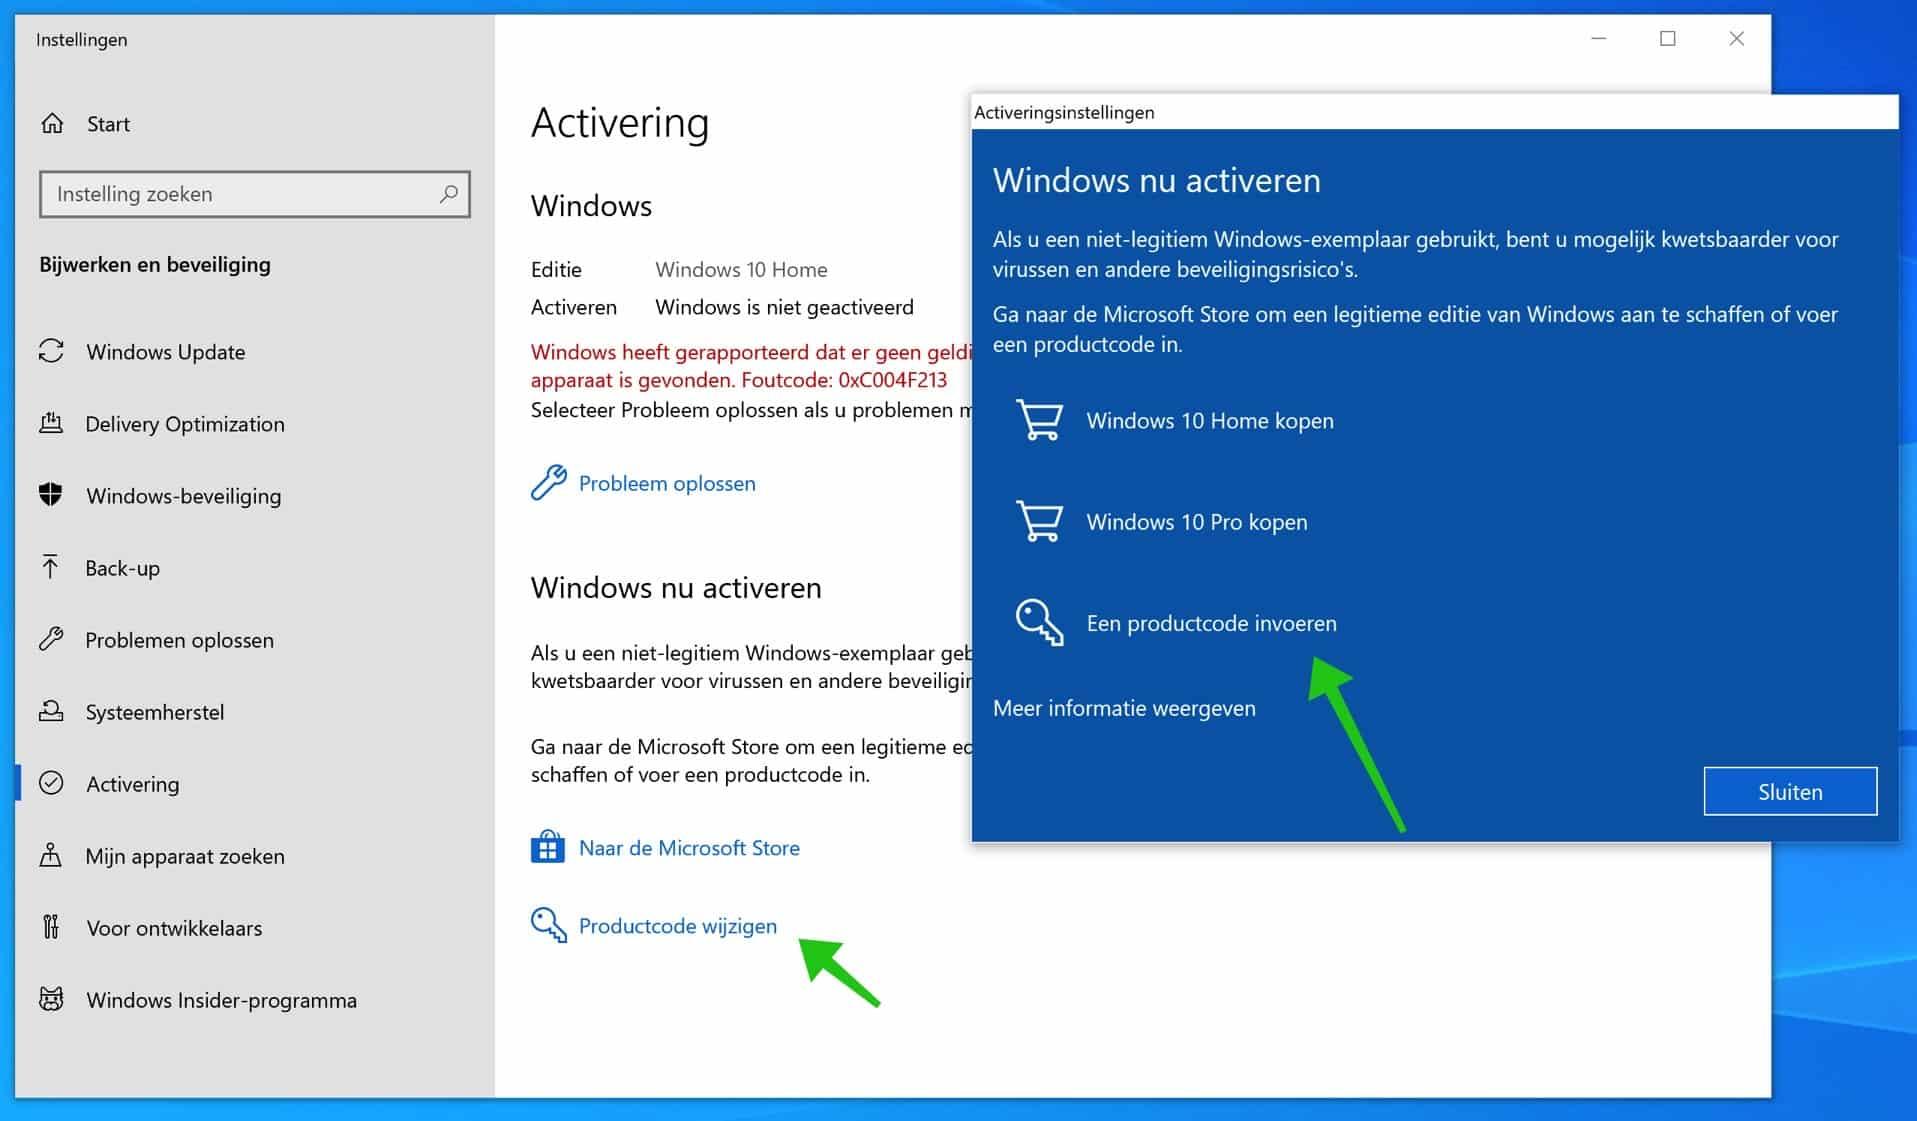 windows 10 productcode wijzigen